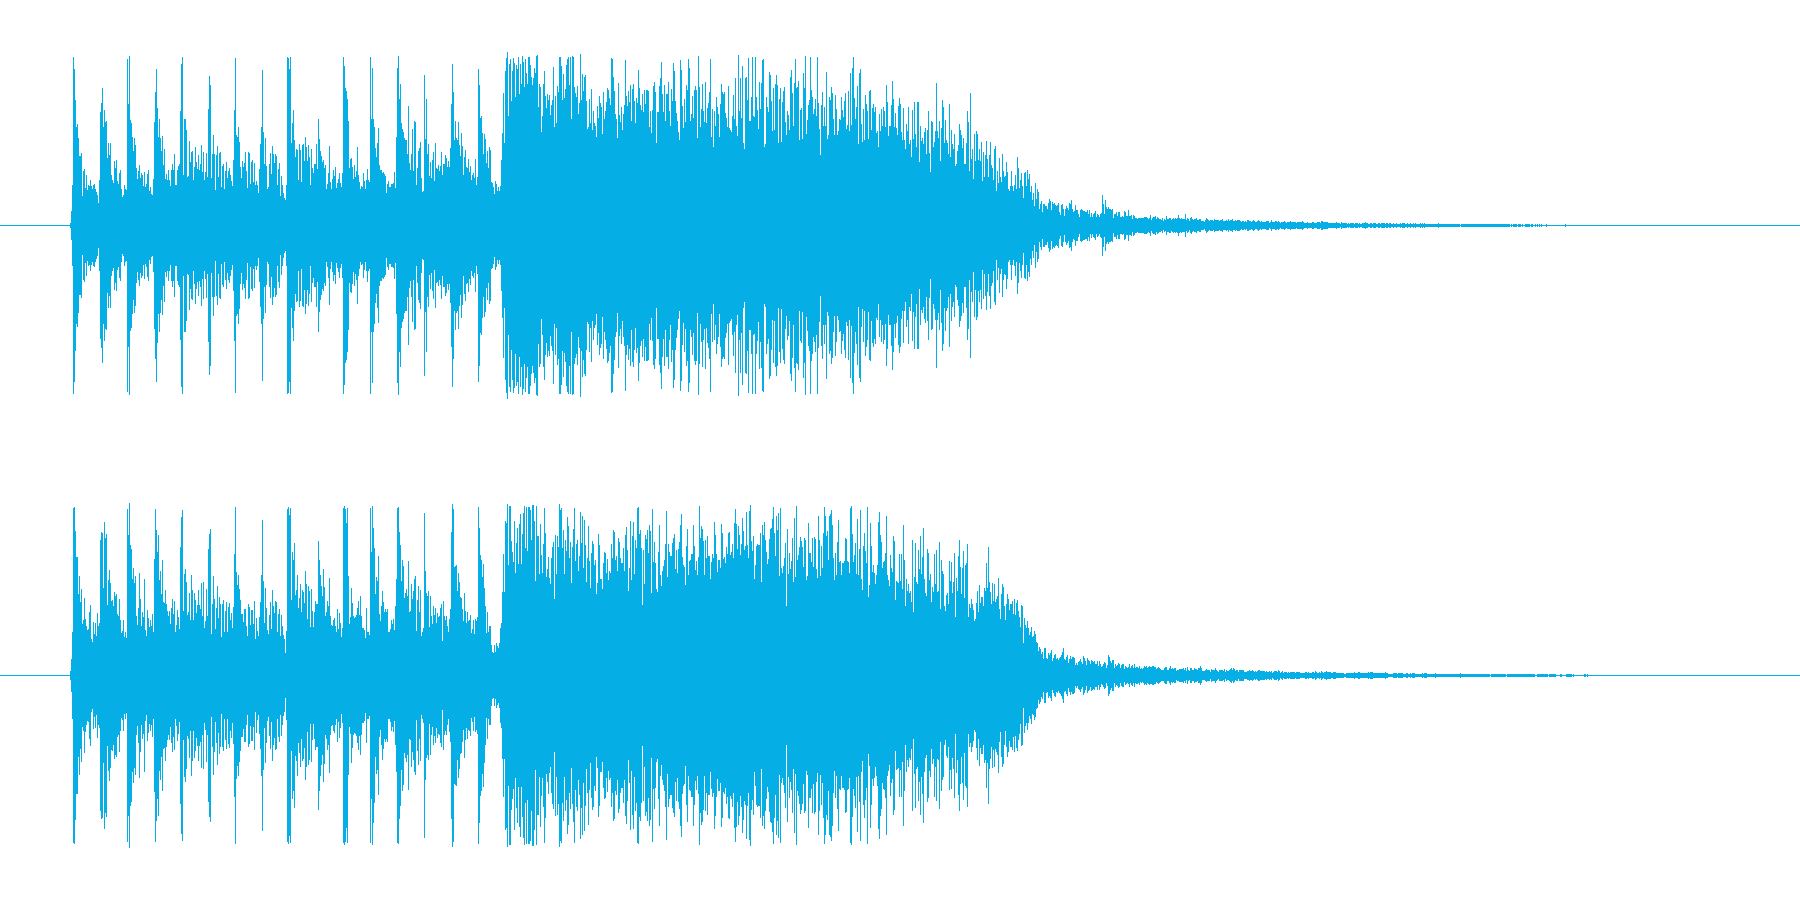 【やったぜ!1】の再生済みの波形